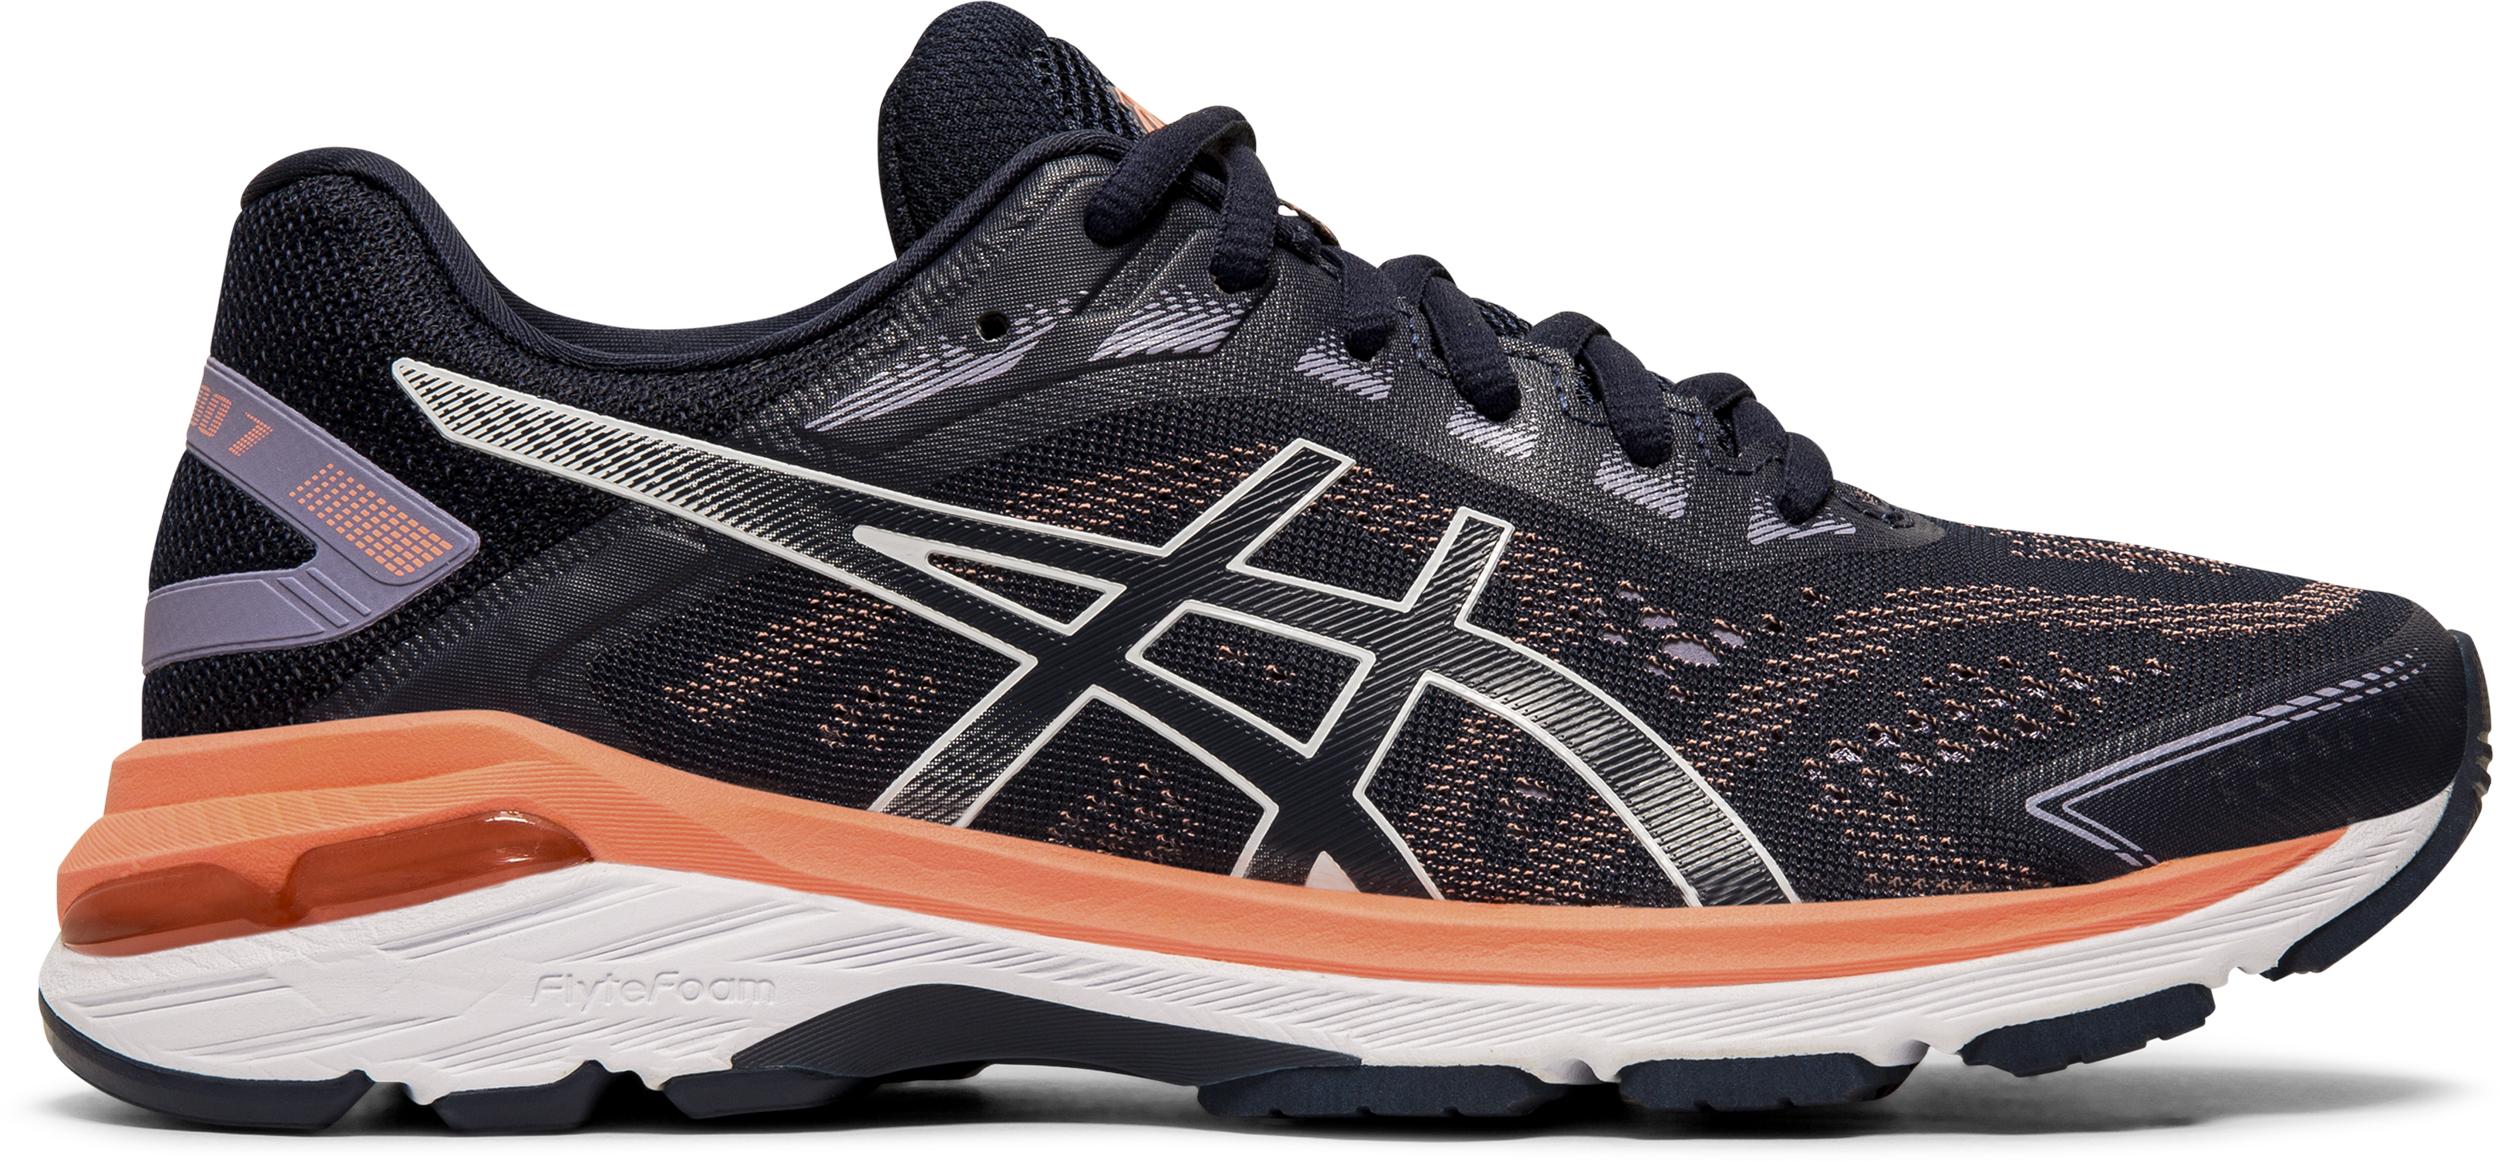 e4f611ed0e44 Asics Footwear | MEC